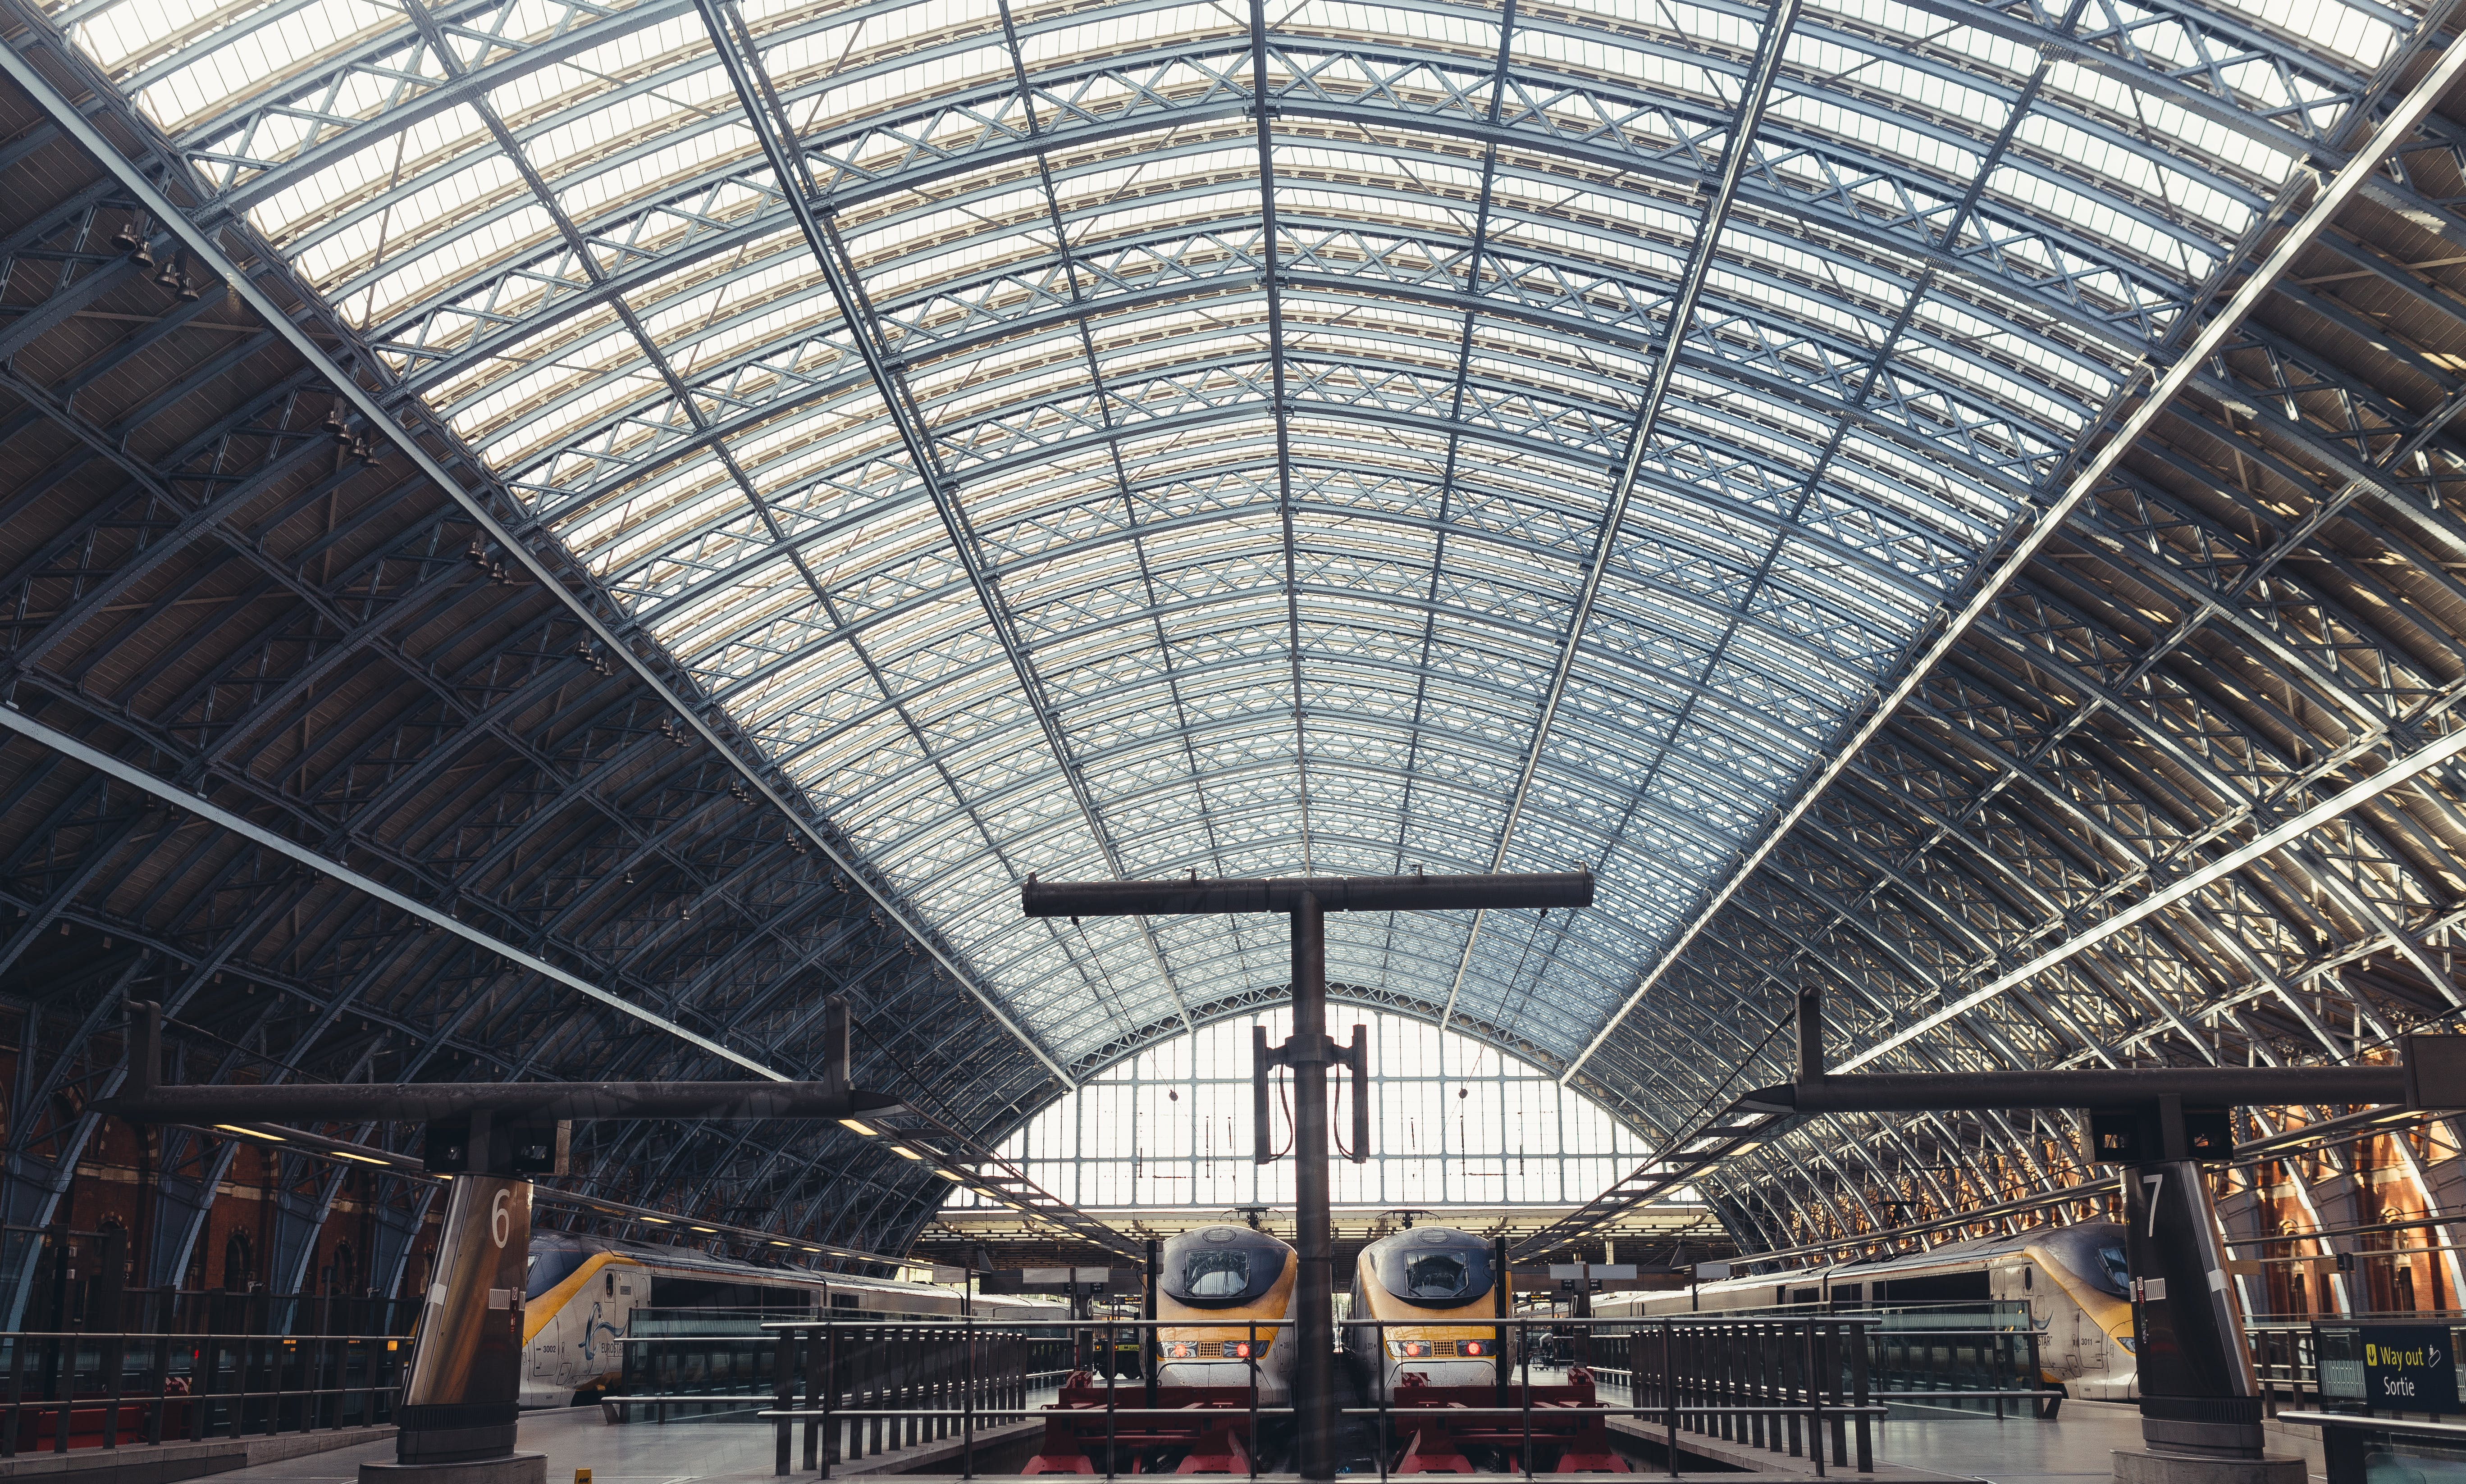 architecture, public transportation, railway platform